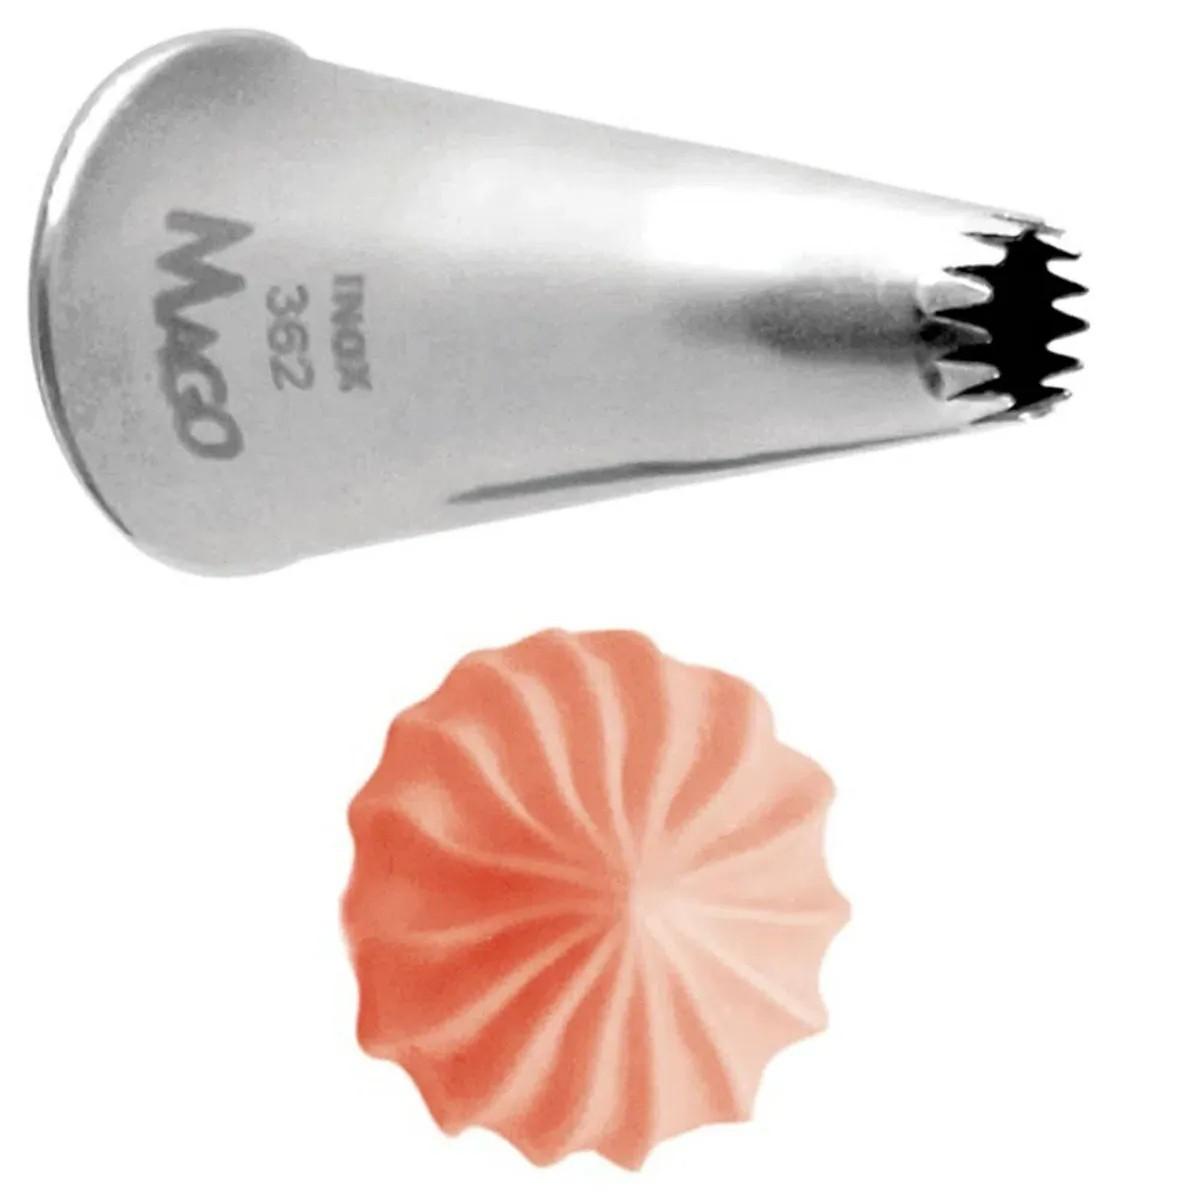 Bico De Confeitar Mago 362 Perlê Original Pequeno